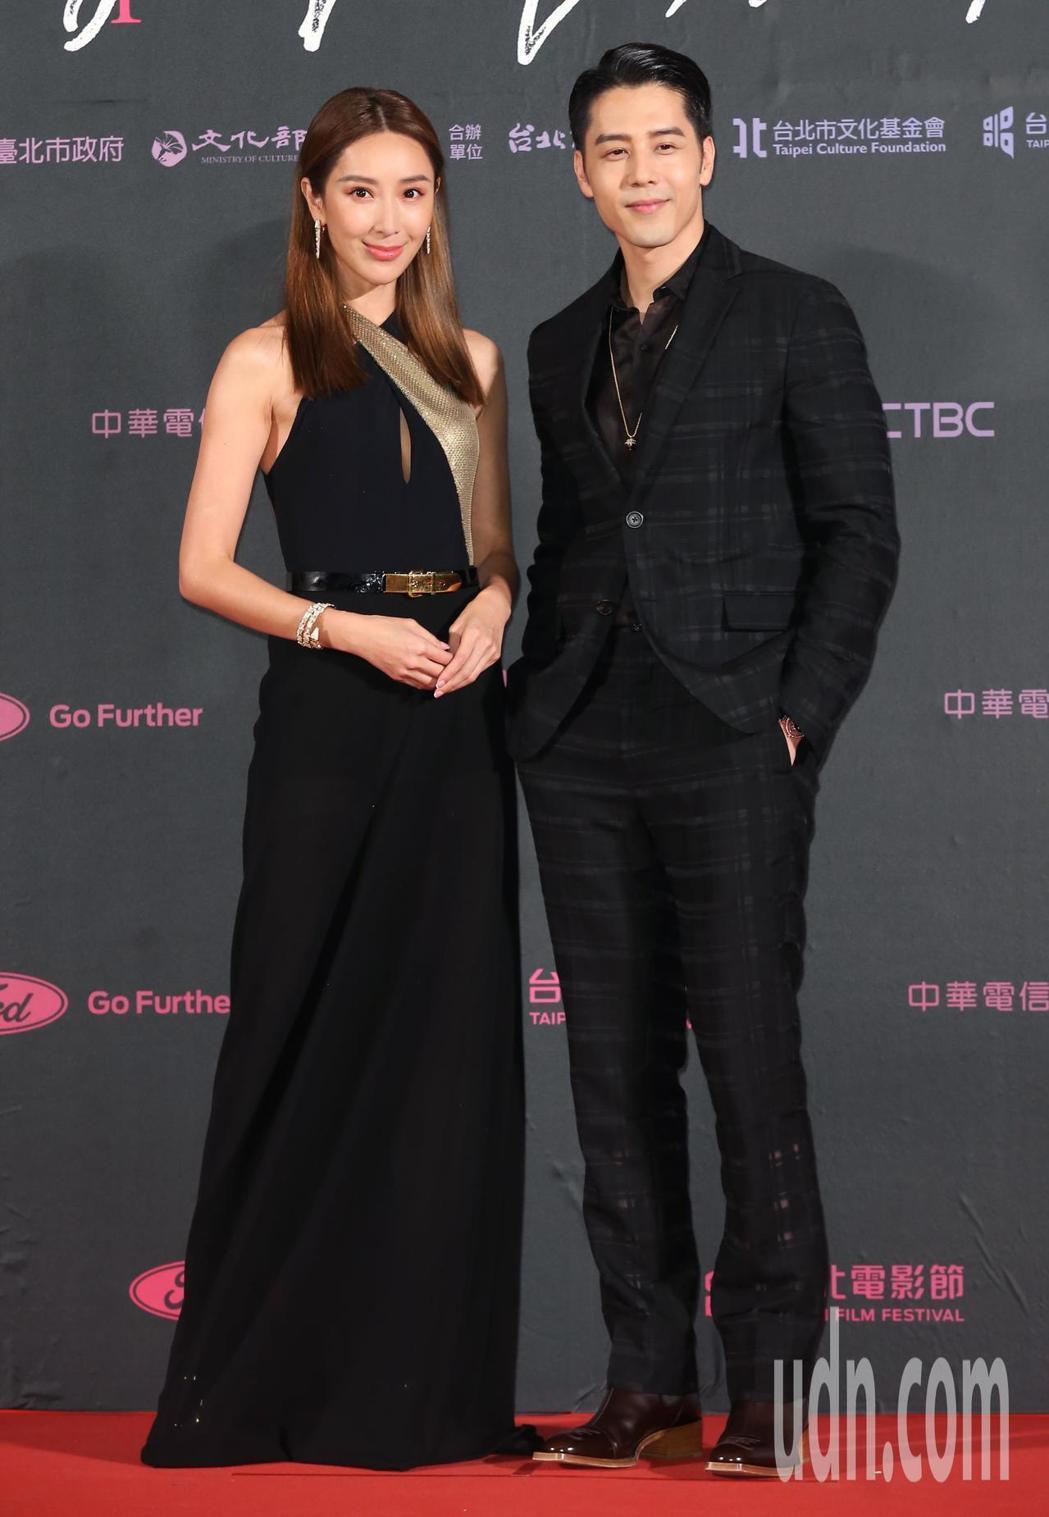 隋棠、胡宇威出席第21屆台北電影獎,擔任頒獎人。記者徐兆玄/攝影